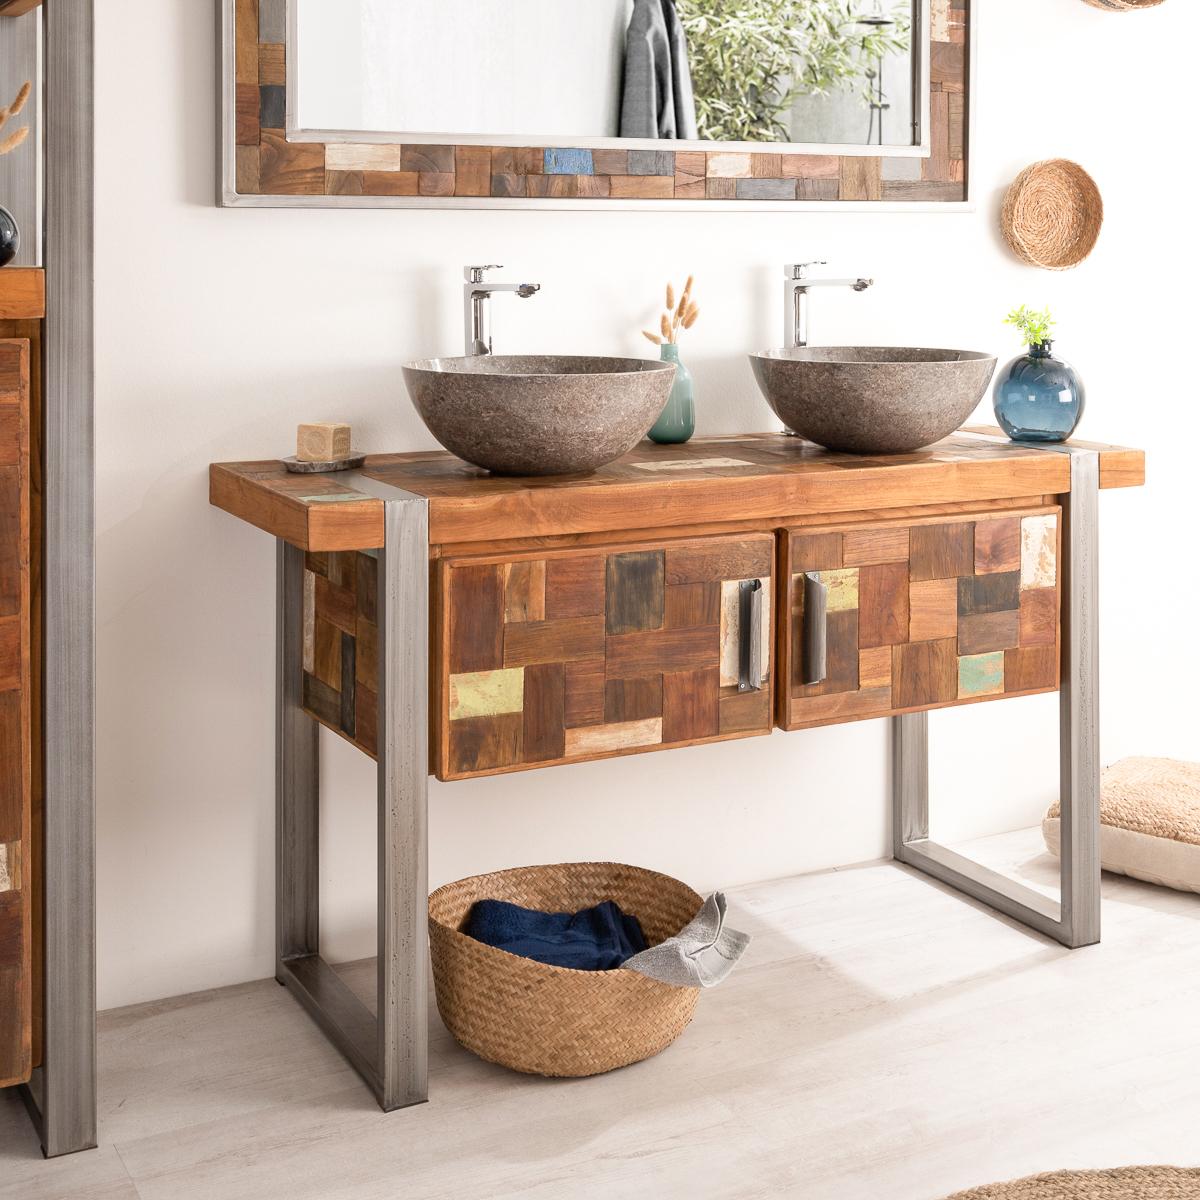 Meuble sous vasque (double vasque) en bois (teck) massif et acier ...